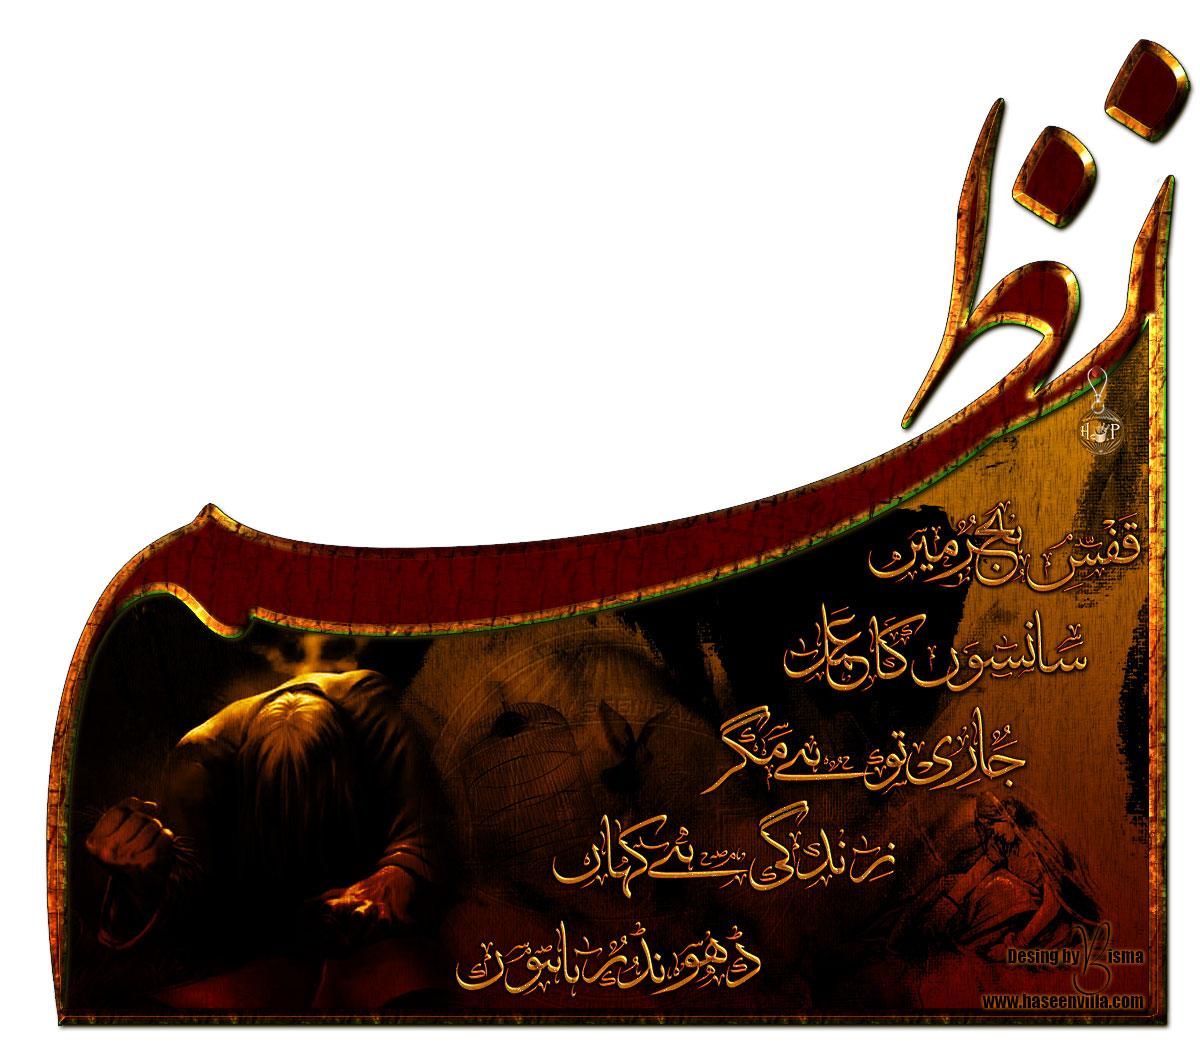 qafse hijar mein by Bismchohan